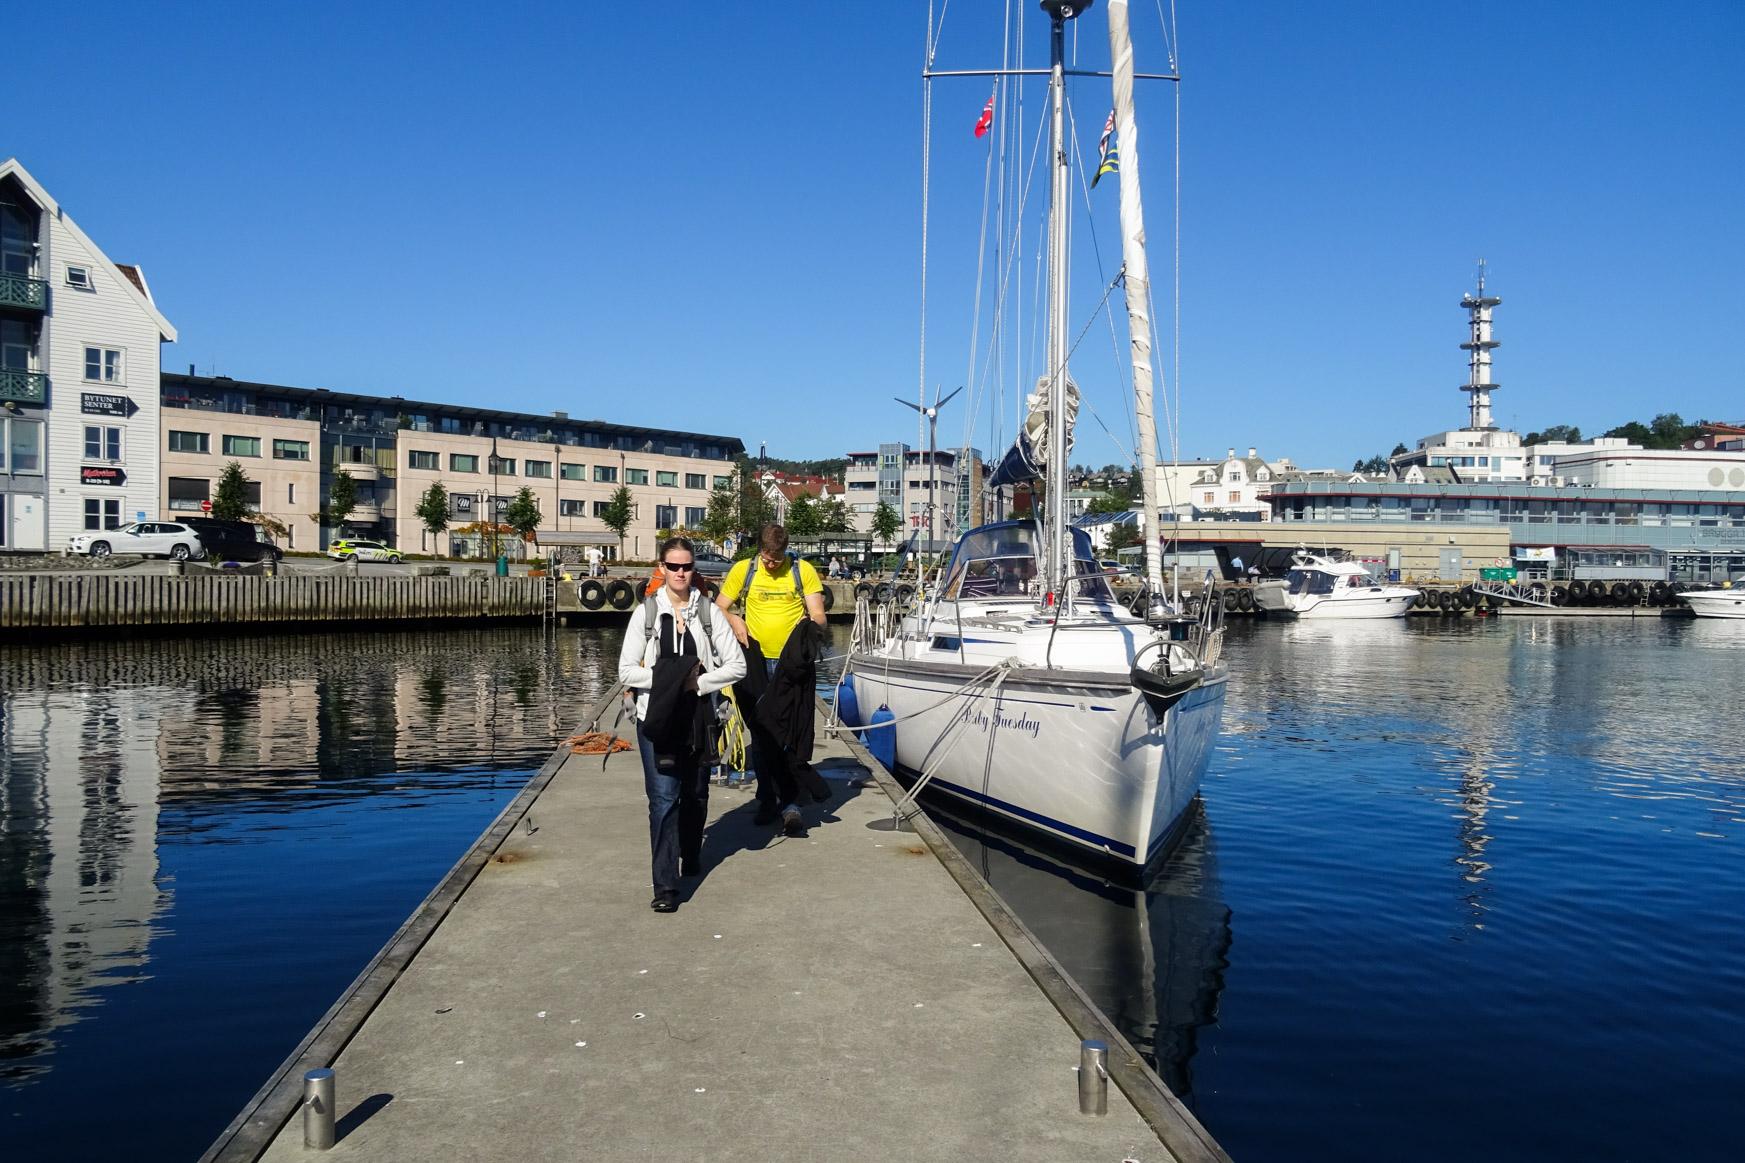 Die Crew verläßt das Boot